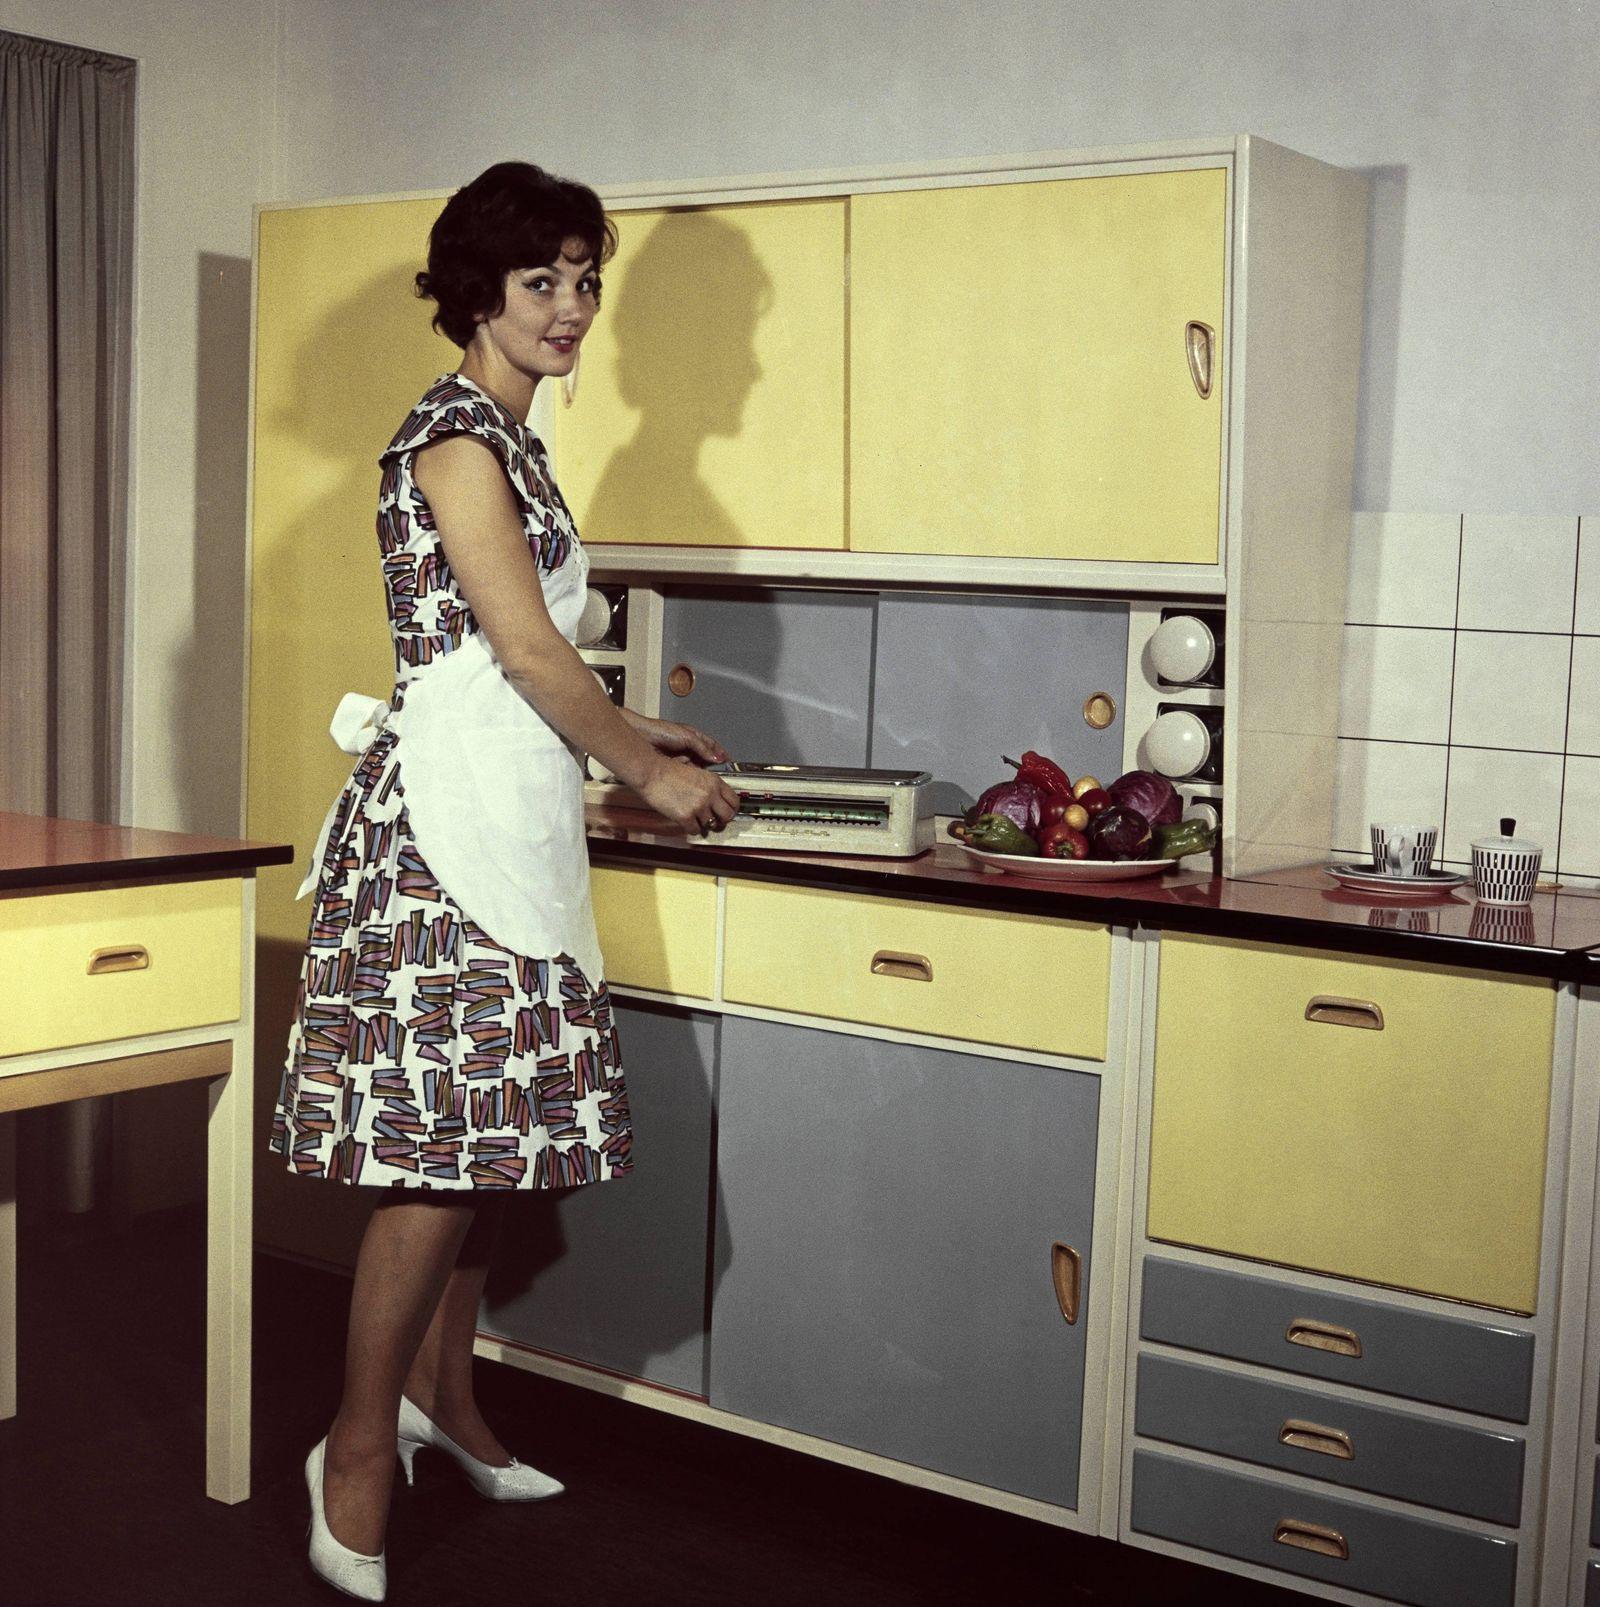 EINMALIGE VERWENDUNG DDR/ Wirtschaft/ 60er - Moderne Hausfrau um 1960 / Foto - Modern housewife c.1960 / Photo Expires 13.08.2021